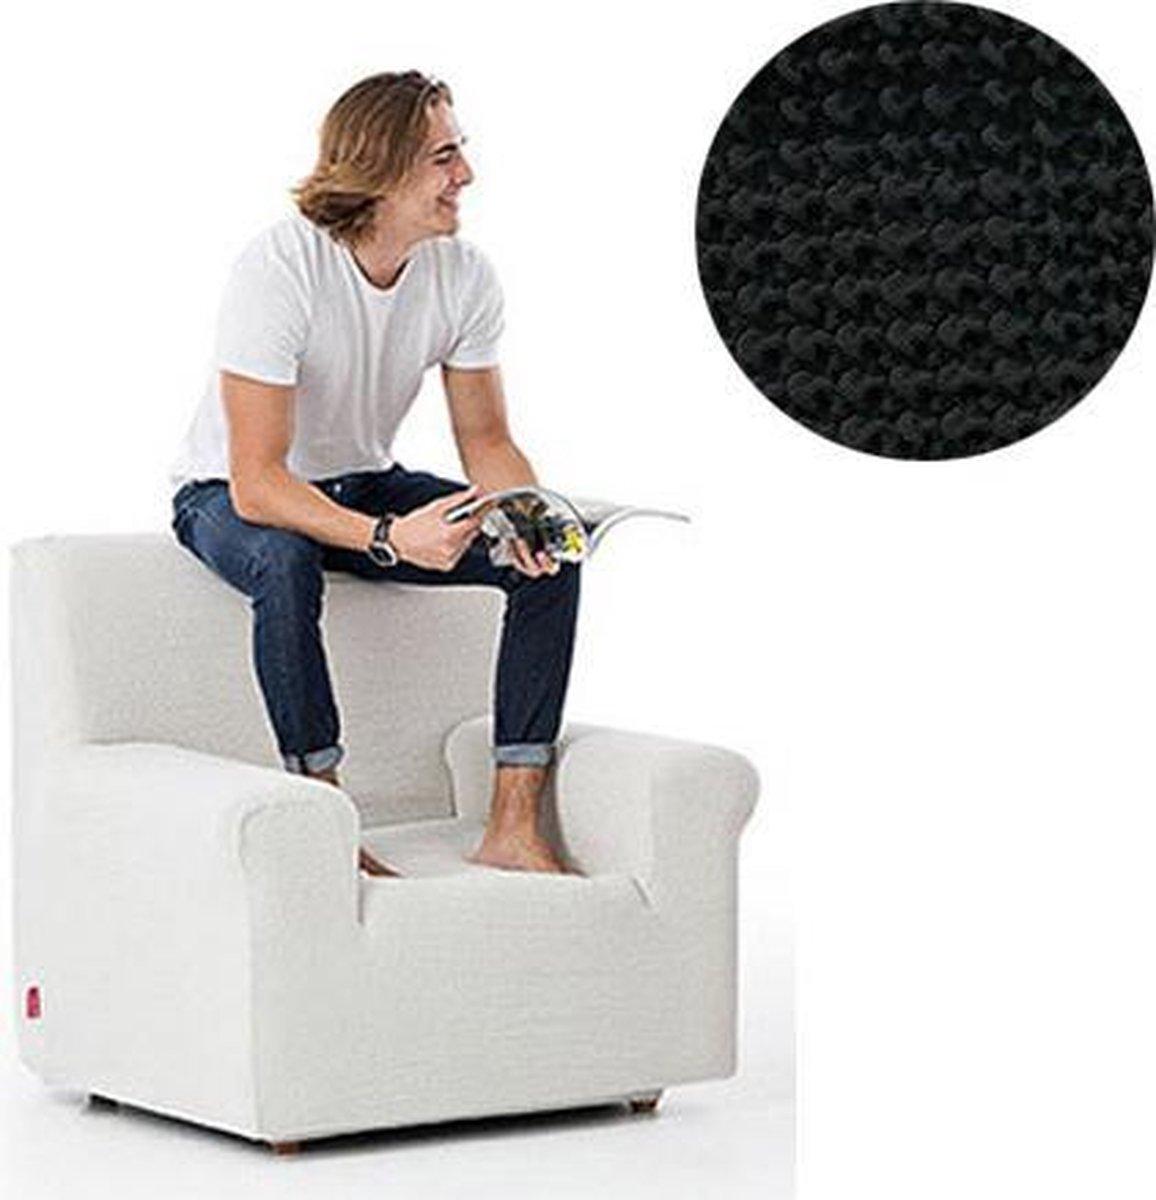 Milos meubelhoezen - Hoes voor fauteuil 70-110cm - Zwart - Verkrijgbaar in verschillende kleuren!